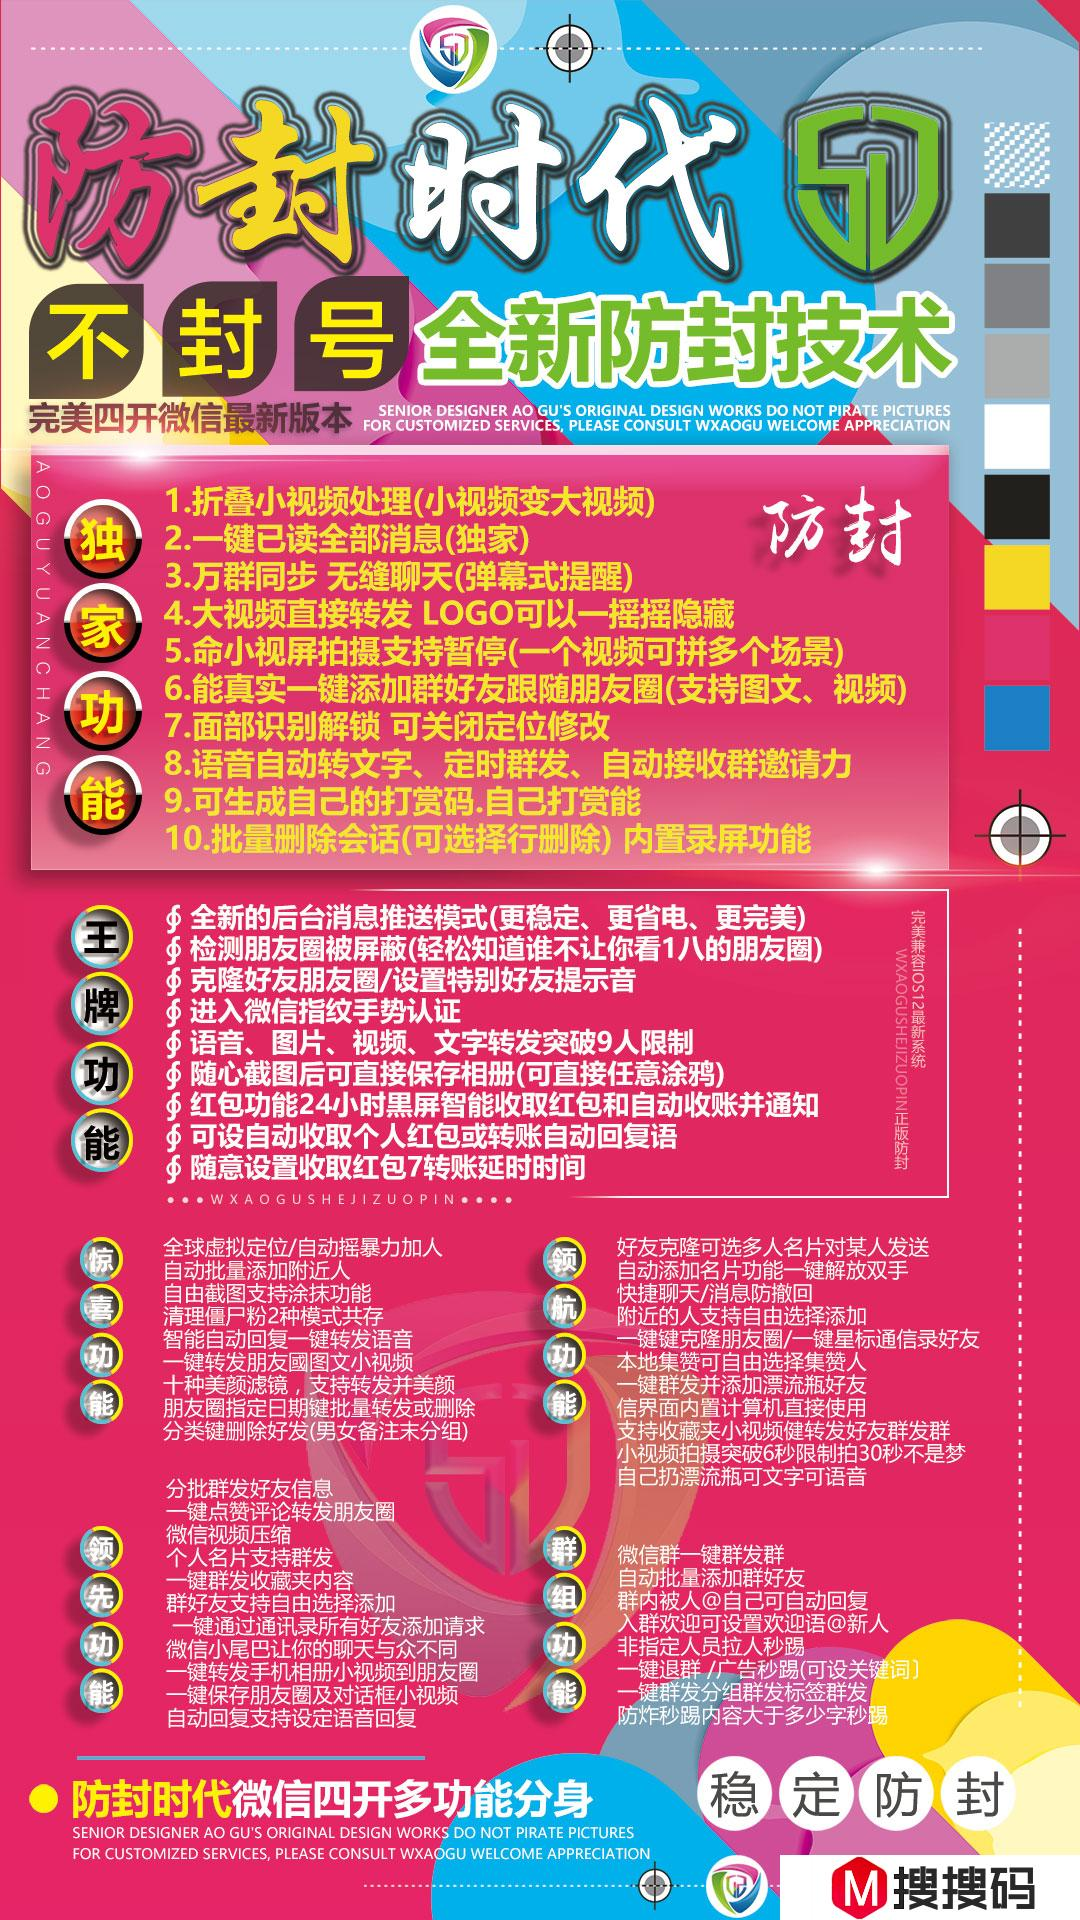 【防封时代】图文功能介绍-防封4开7.02高版本微信直登